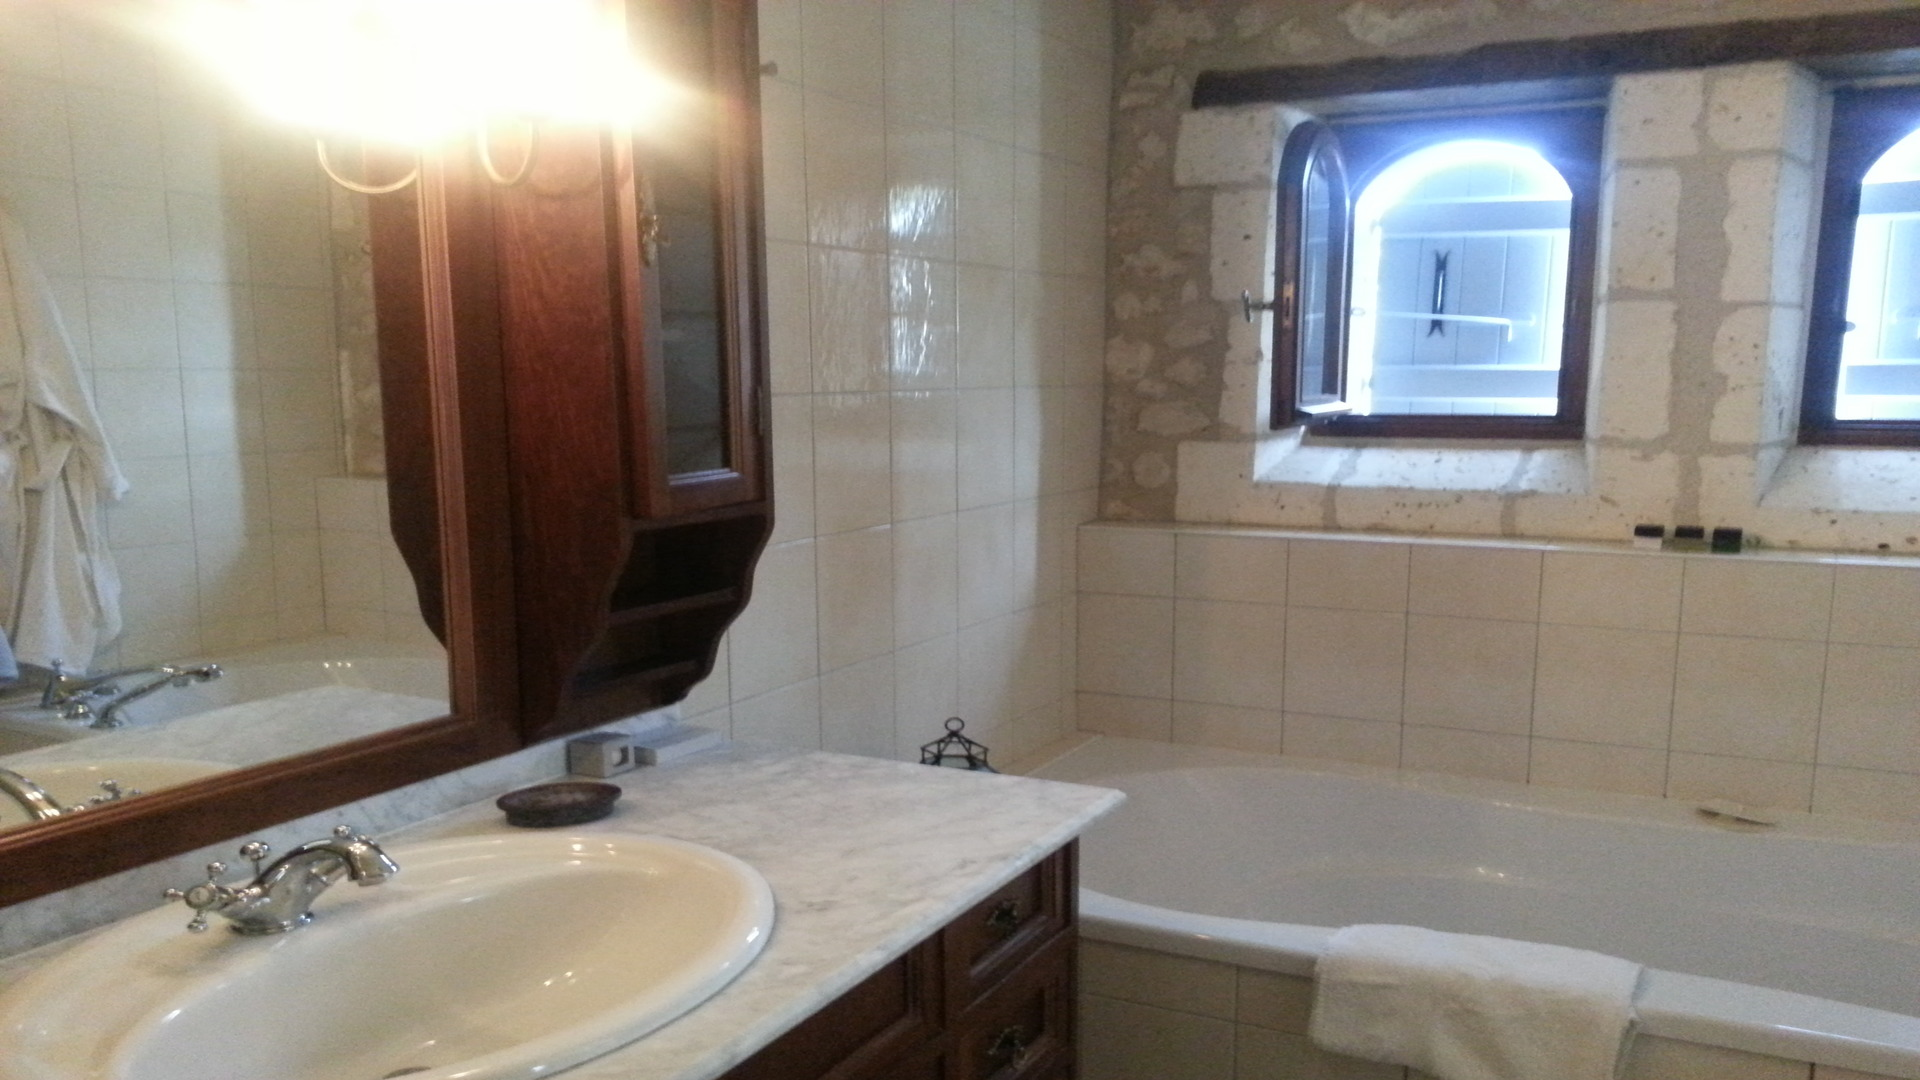 Geniet van de luxe slaapkamers vakantiehuis le maine menot - Kamer van rustieke chic badkamer ...